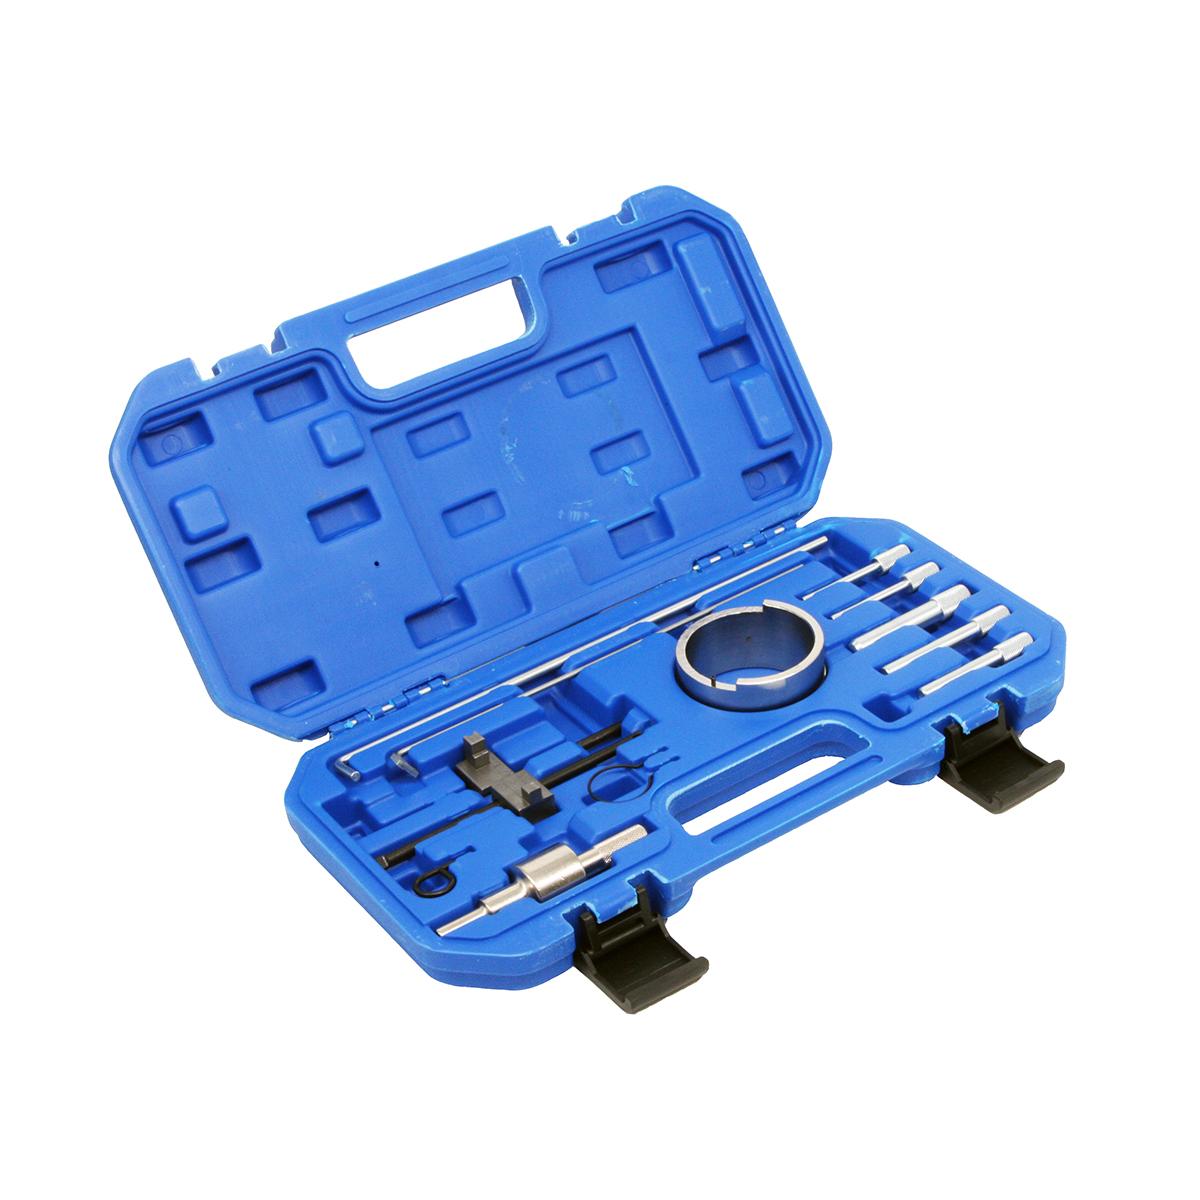 Установочный набор инструментов для ГРМ PSA 1.8L/2.0L Car-Tool CT-1533